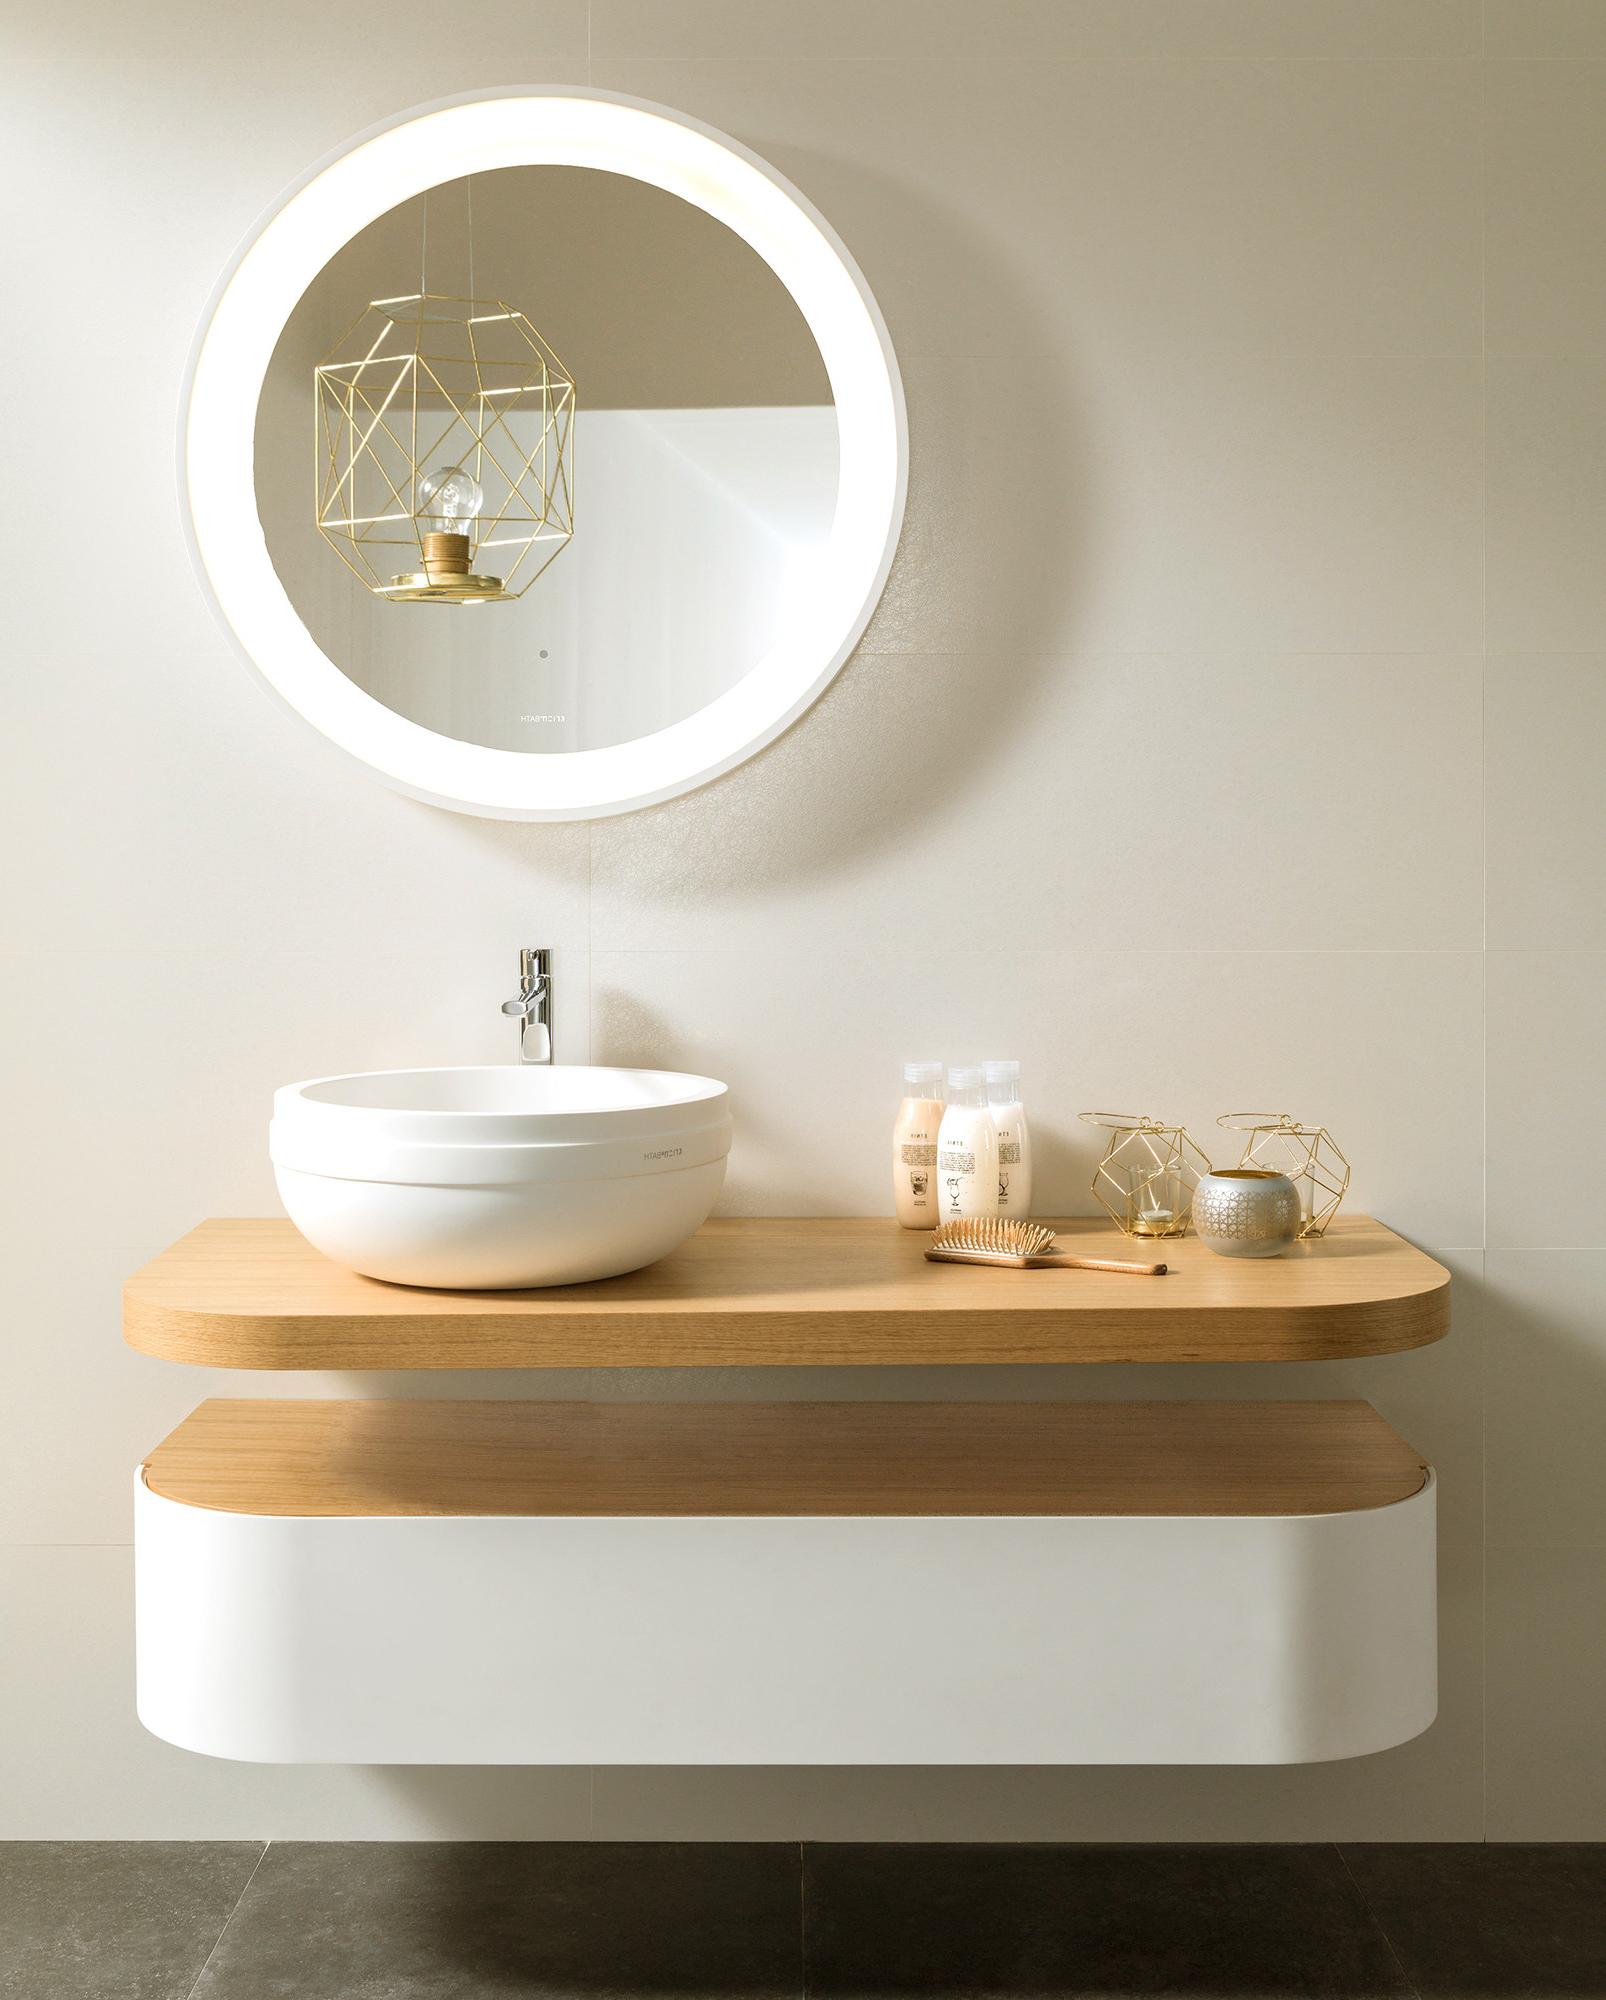 Mueble Baño Bajo Lavabo Y7du Mueble Baà O Bajo Lavabo Planificacià N Con Motivo De Pintar Vuestra